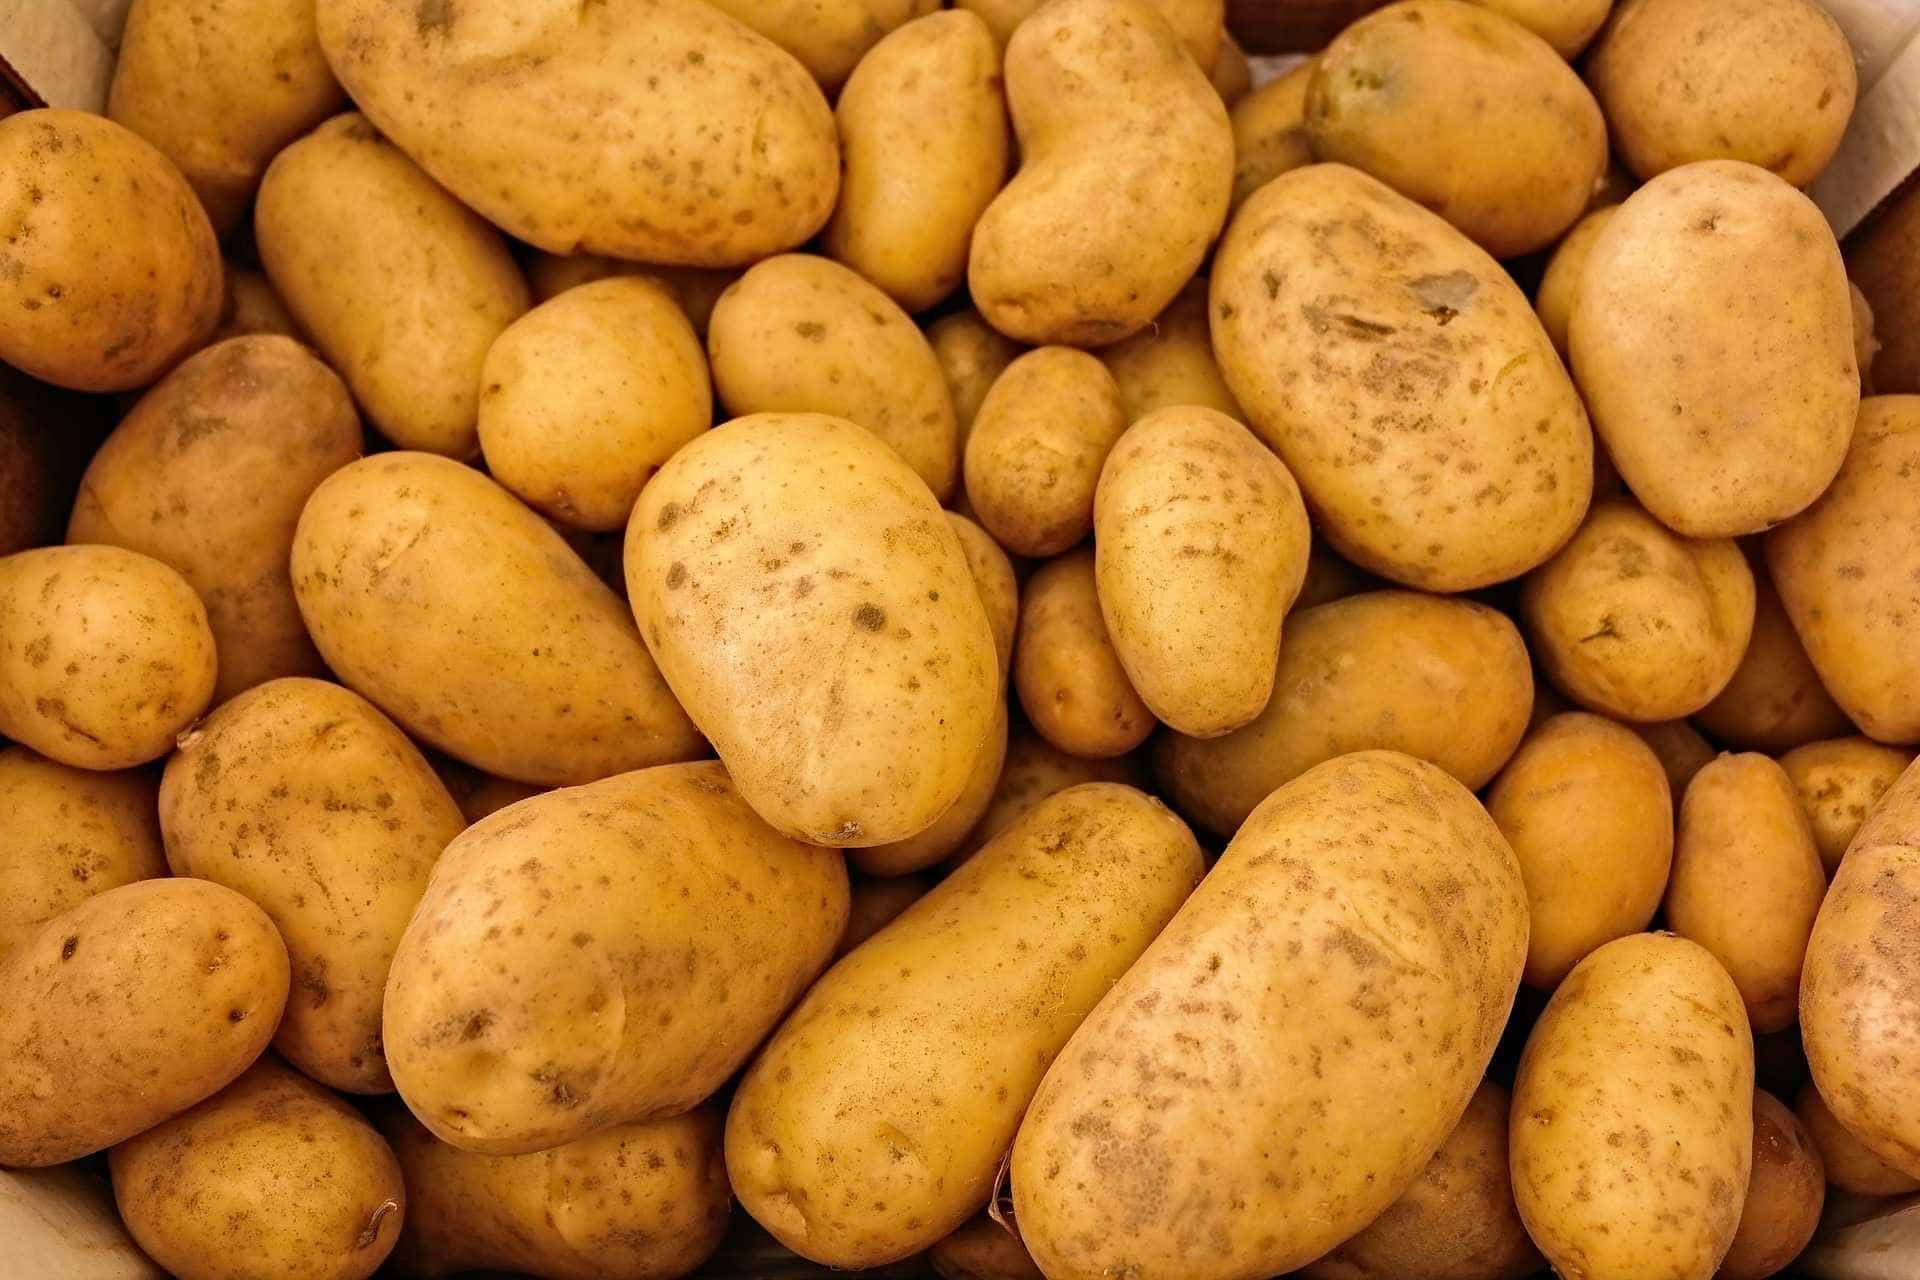 Em uma semana, preço do kg de batata passa de R$ 1,61 para R$ 17,50